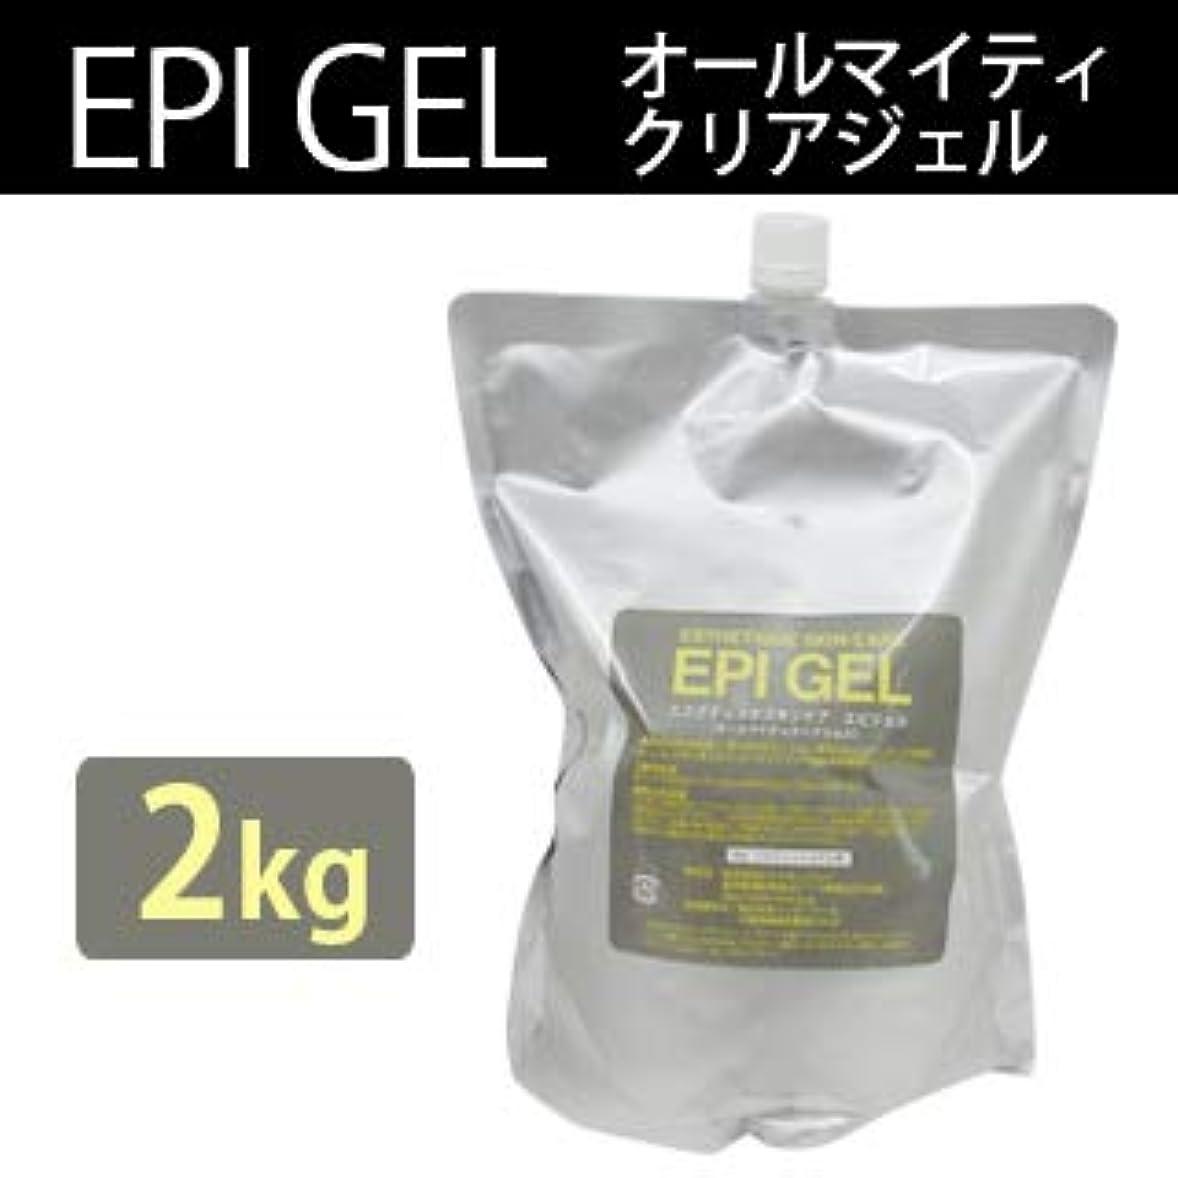 蓄積するラテン降下エステティック スキンケア エピジェル 2kg クリアジェル (1個)